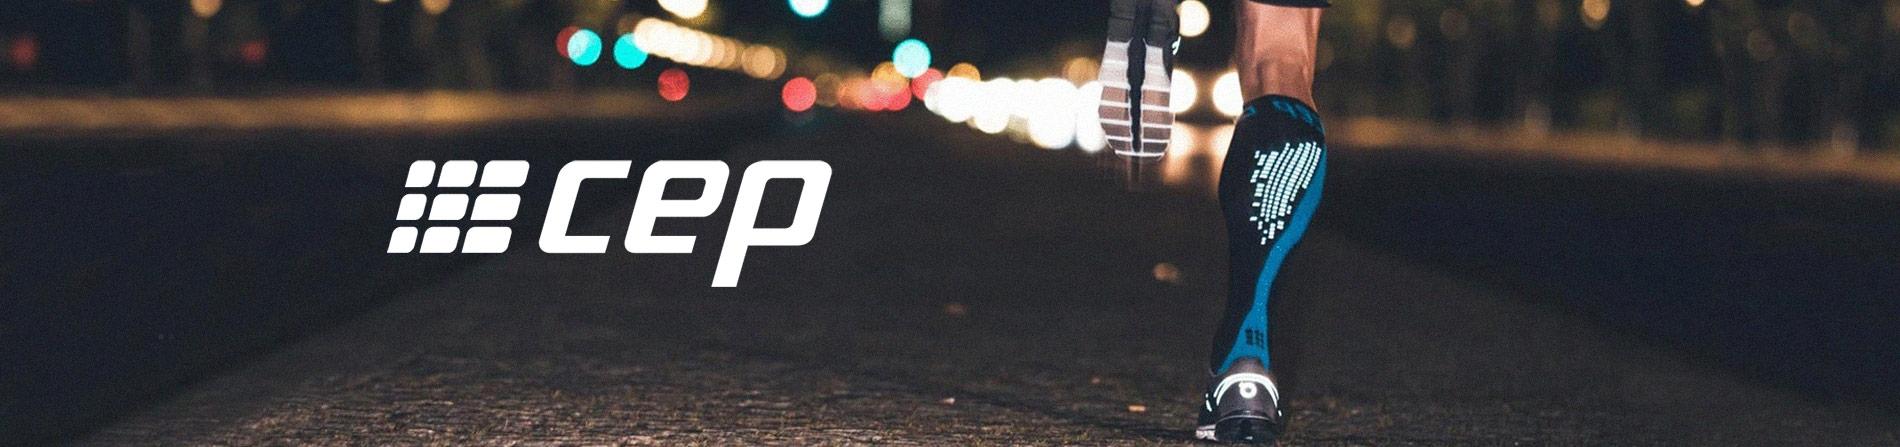 cep compression logo.jpg